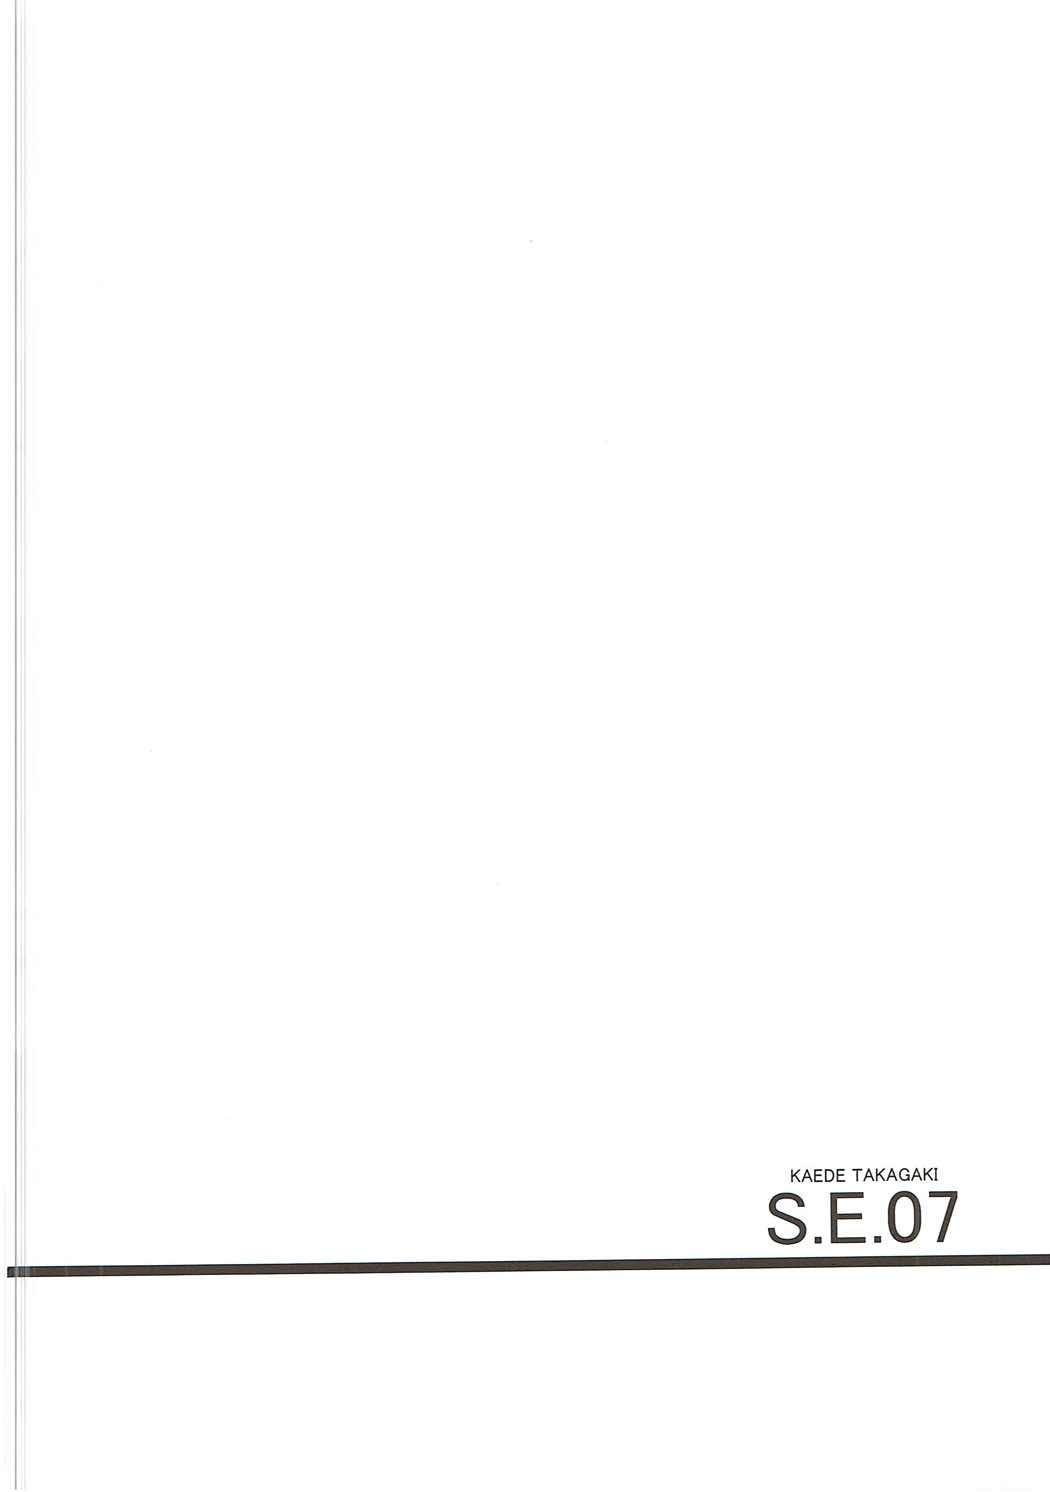 S.E.07 3